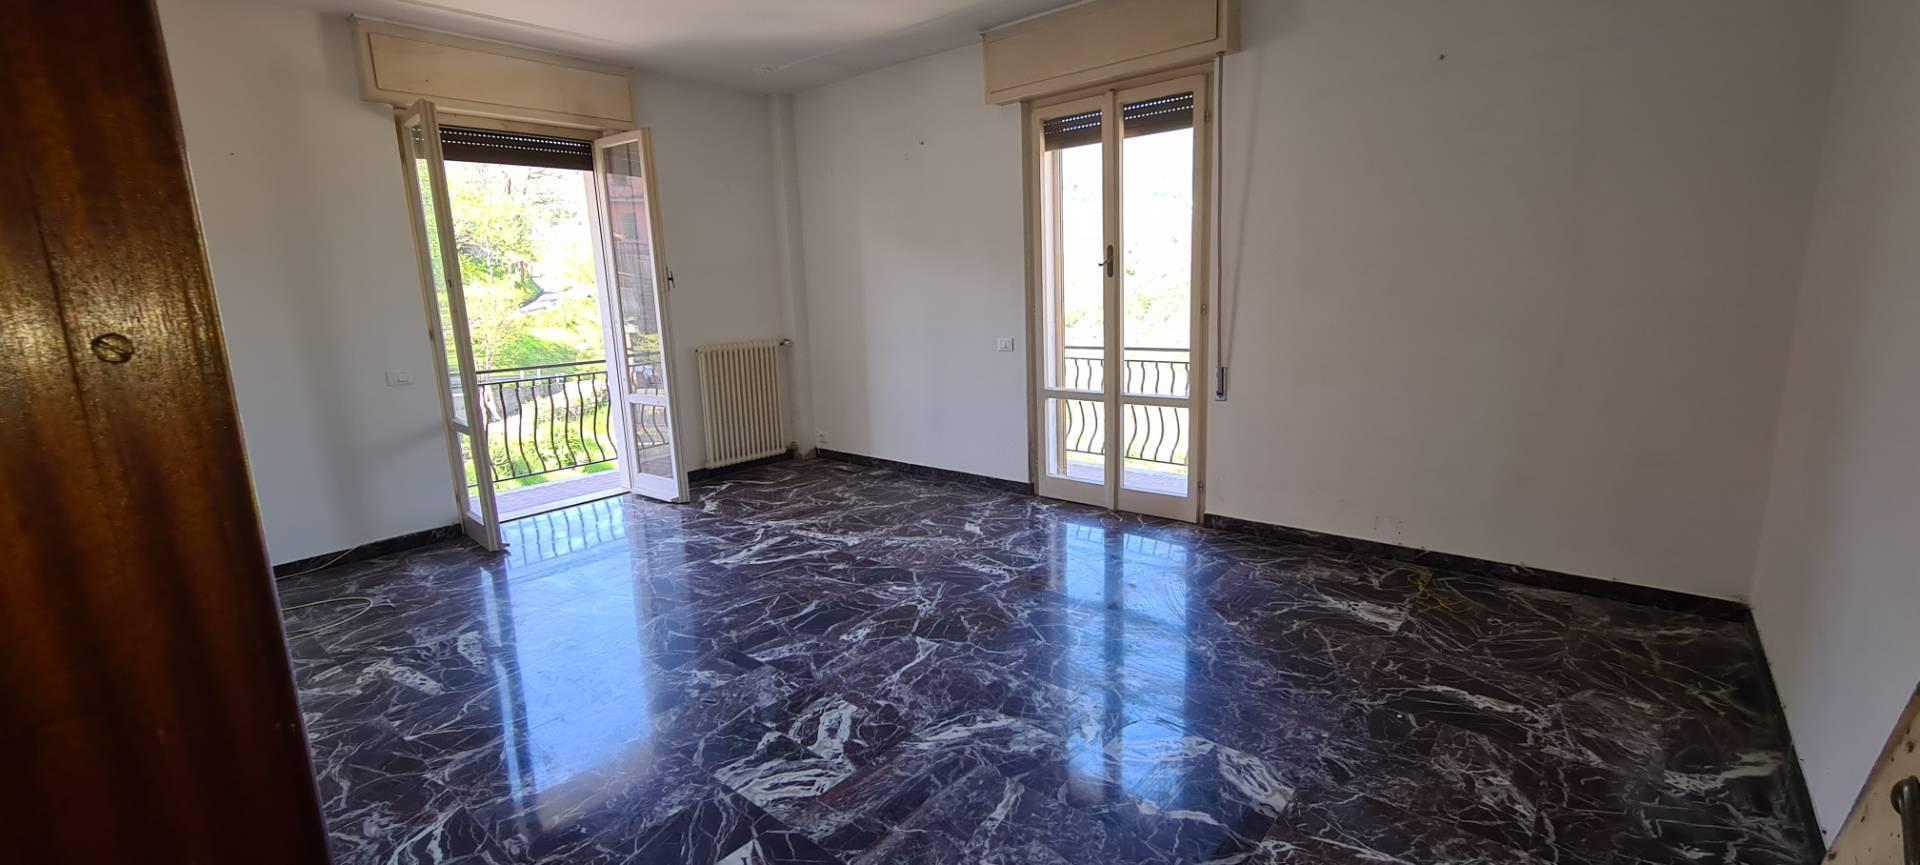 Soluzione Semindipendente in affitto a Leivi, 6 locali, zona Zona: Bocco, prezzo € 500   CambioCasa.it